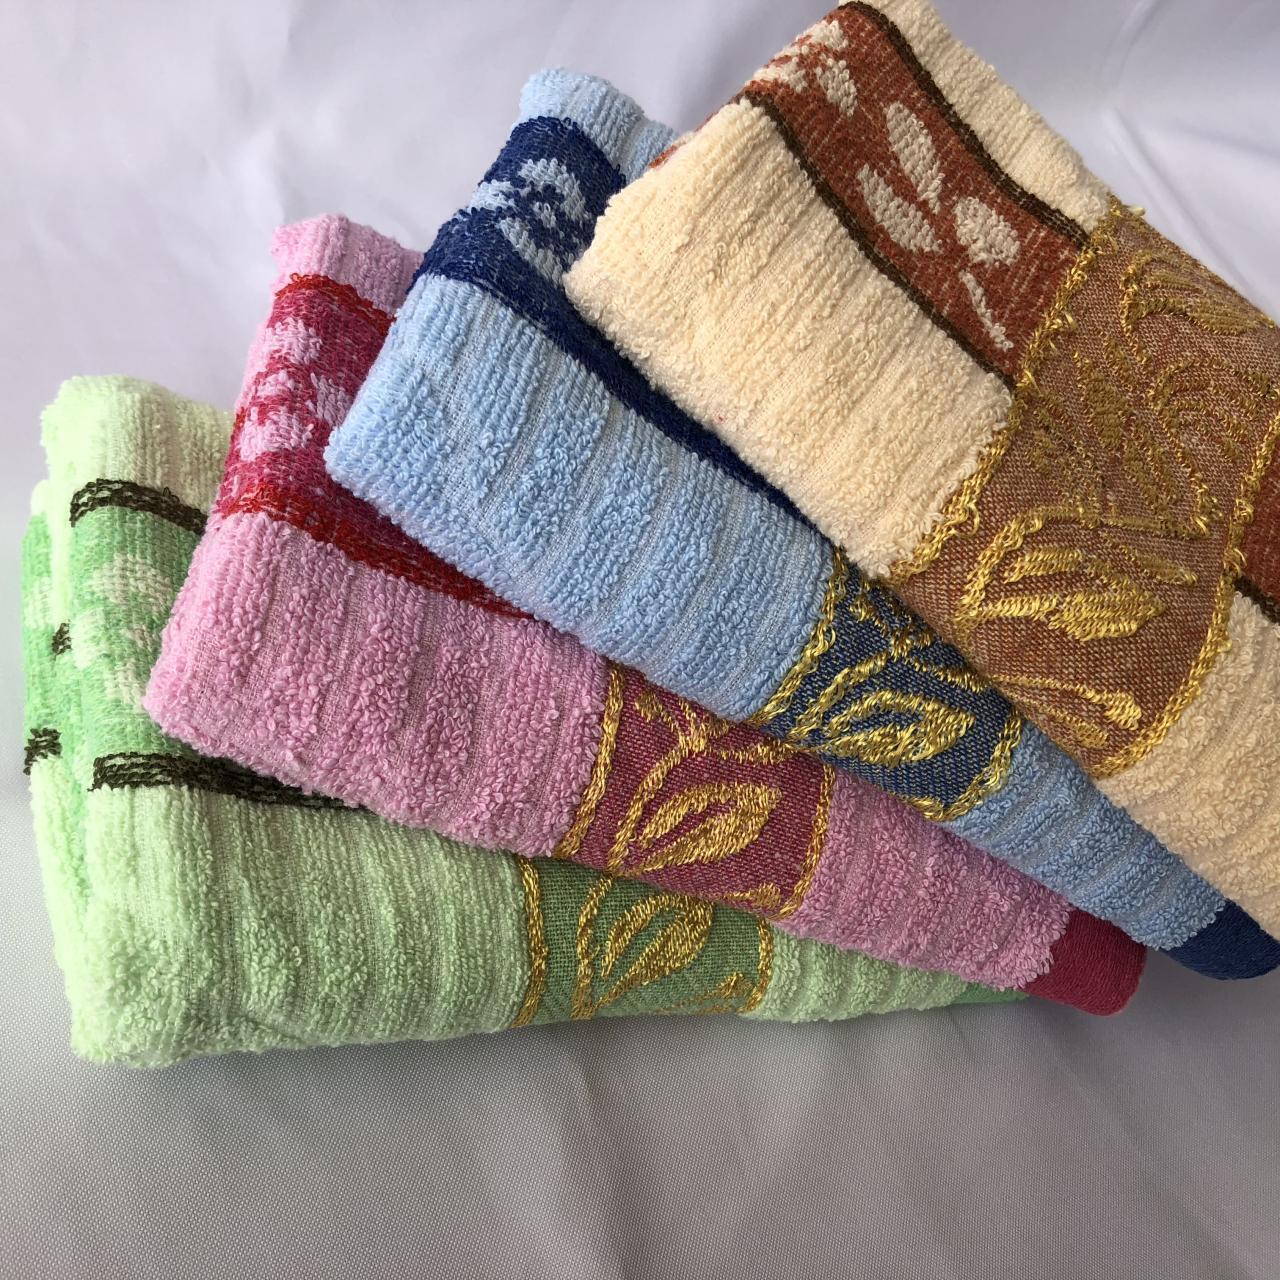 ЛИЦЕВОЕ махровое полотенце Недорого. Махровые полотенца фото 107-2